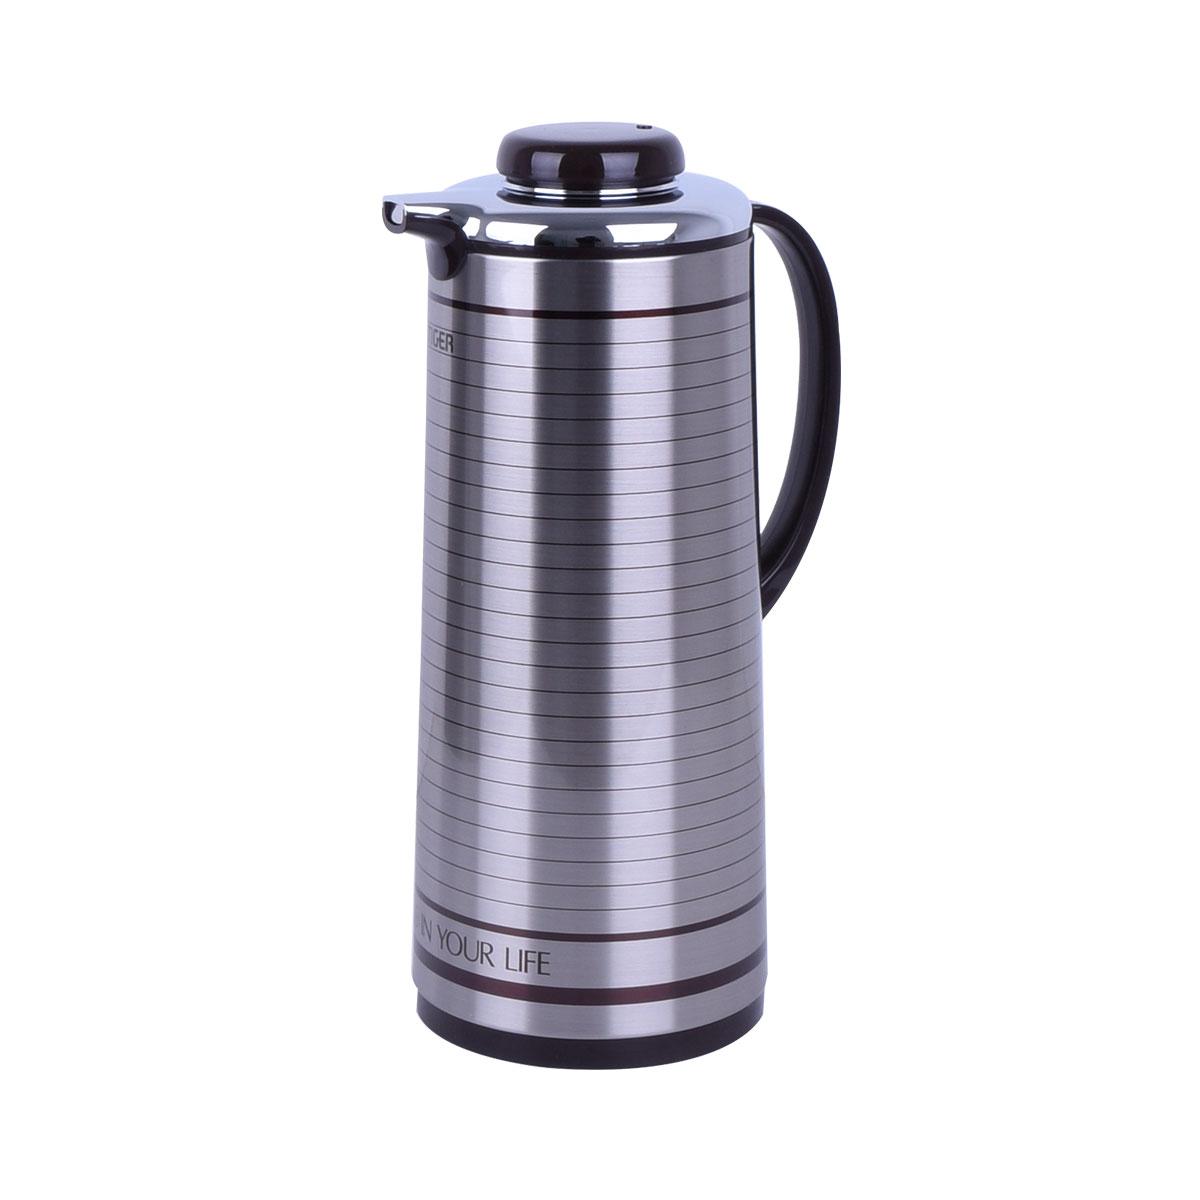 ترمس شاي وقهوه تايجر اليابانية - استانلس استيل - 1.6 لتر PXJ-160S